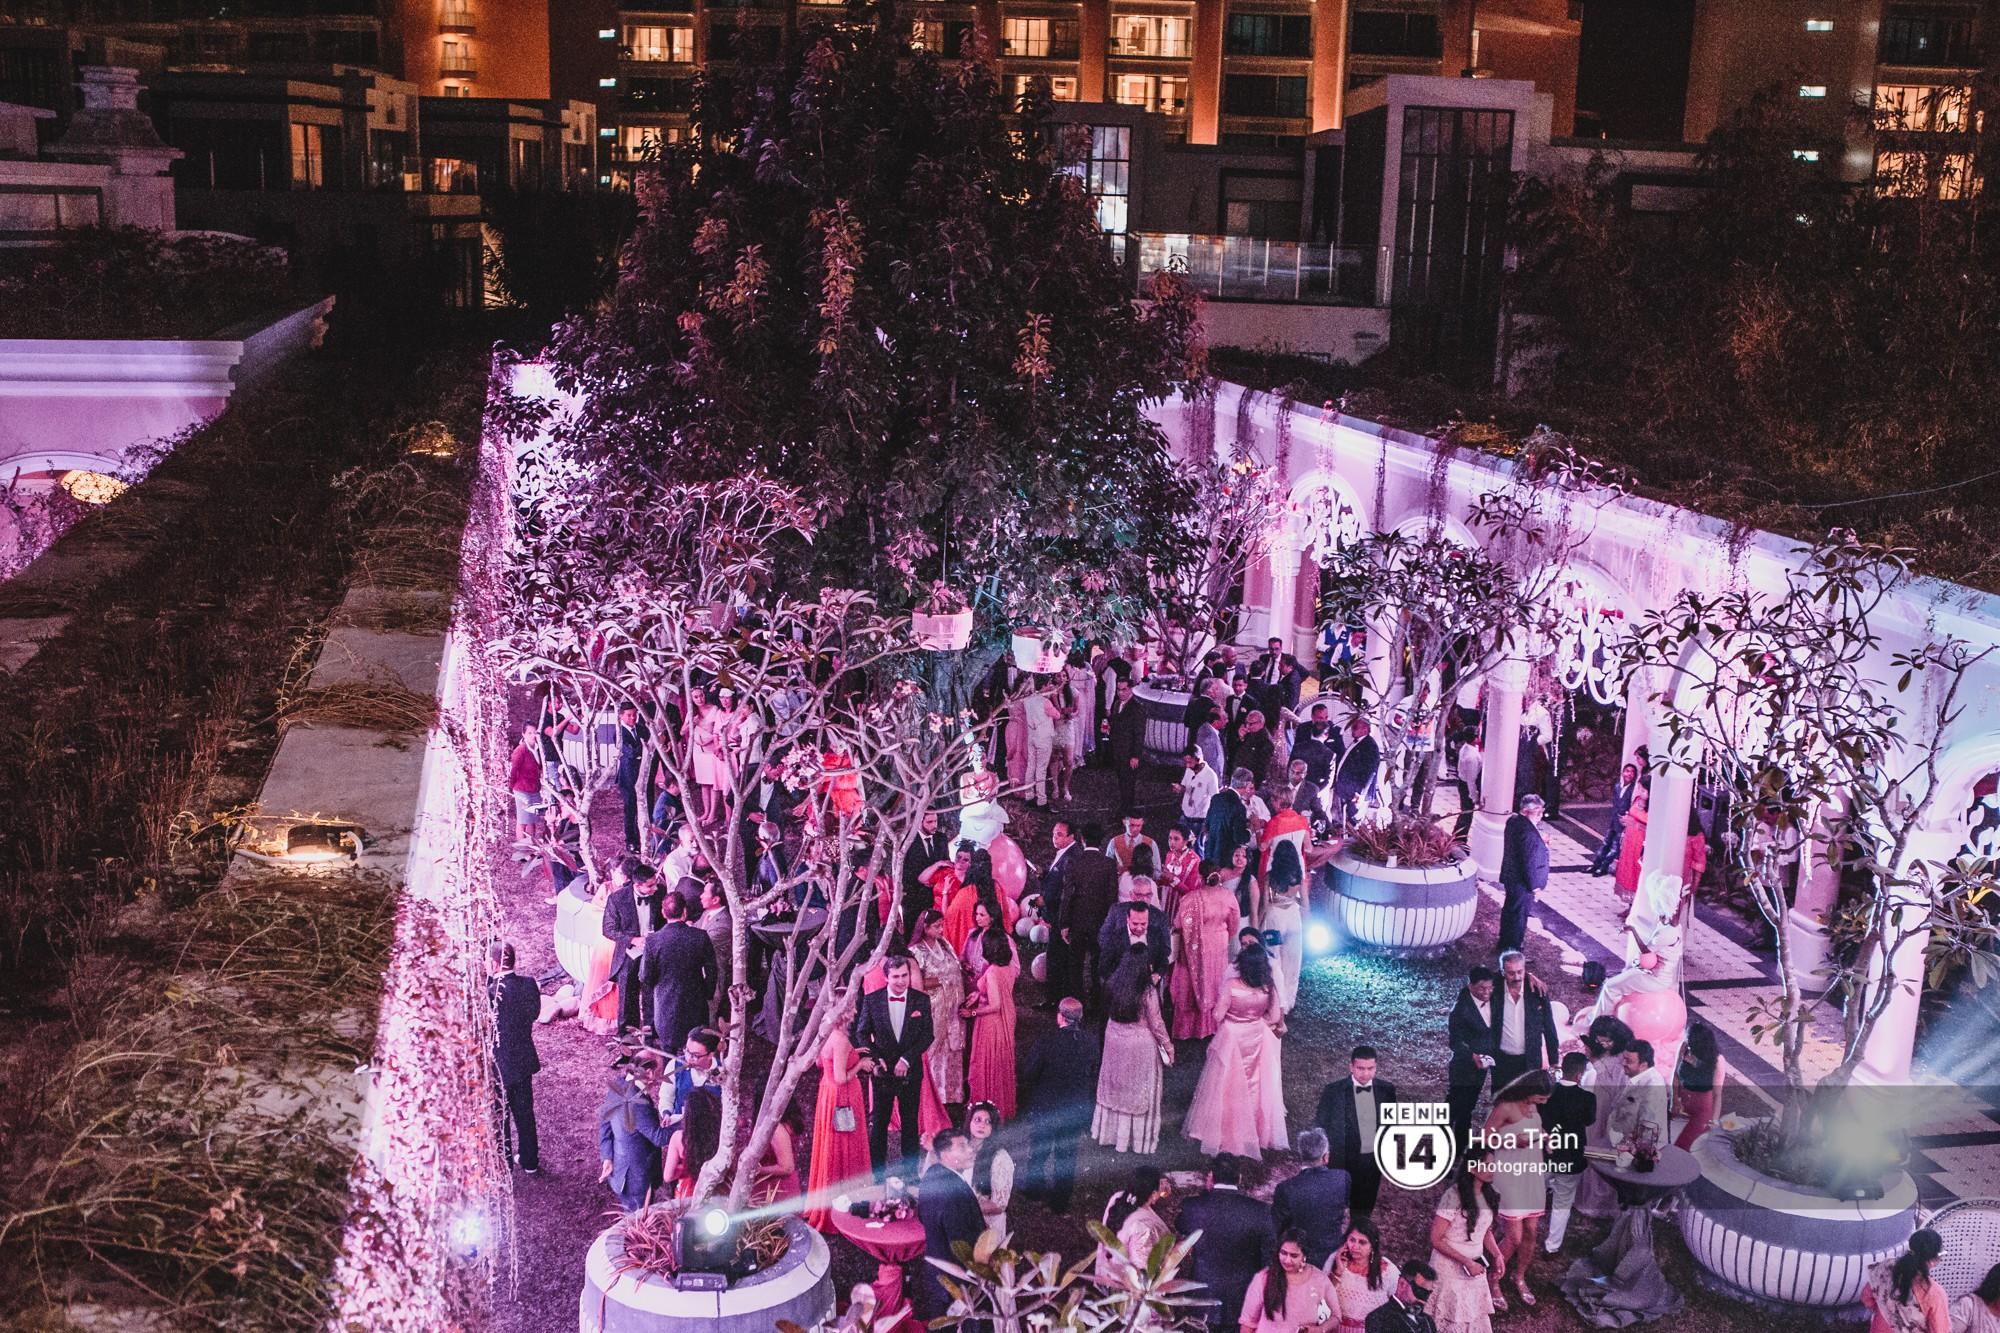 Cặp đôi tỷ phú Ấn Độ lộng lẫy cùng các khách mời đại gia vào đêm tiệc Pink Party đầu tiên ở Phú Quốc - Ảnh 3.